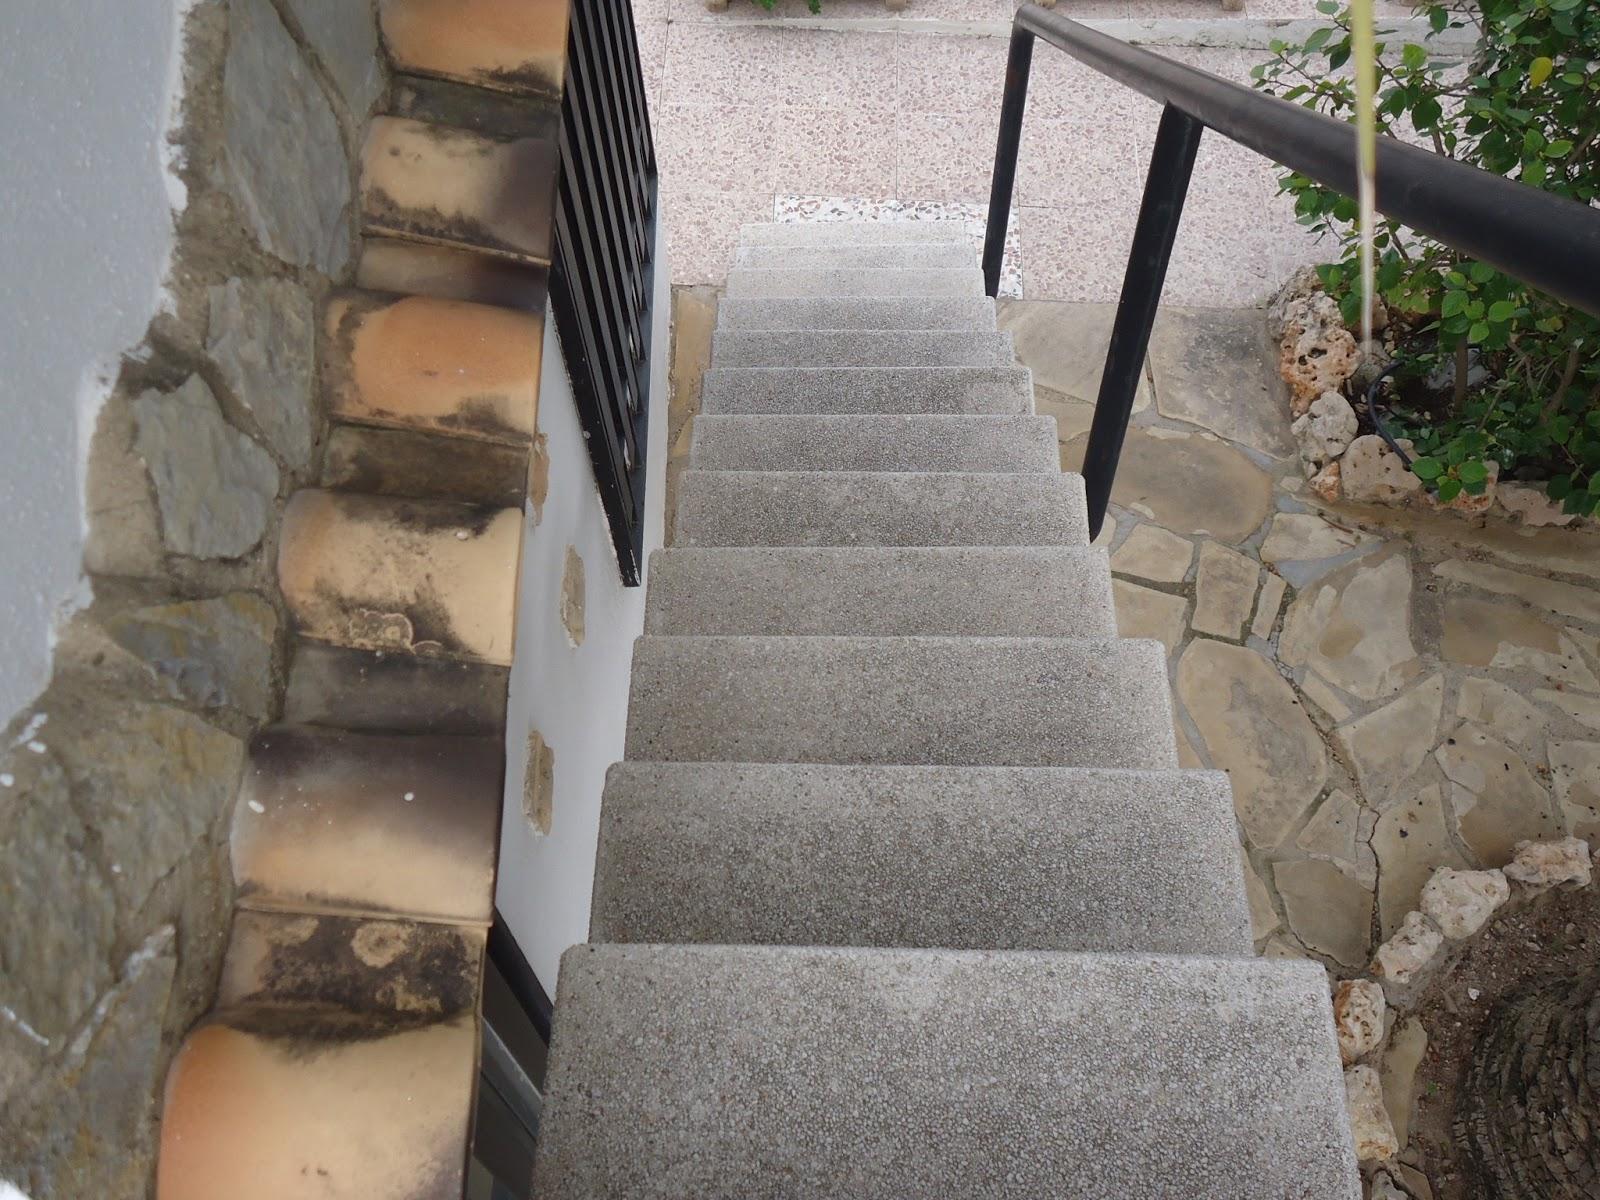 Escaleras exteriores de jard n quiero reformar mi casa - Escaleras para exterior ...